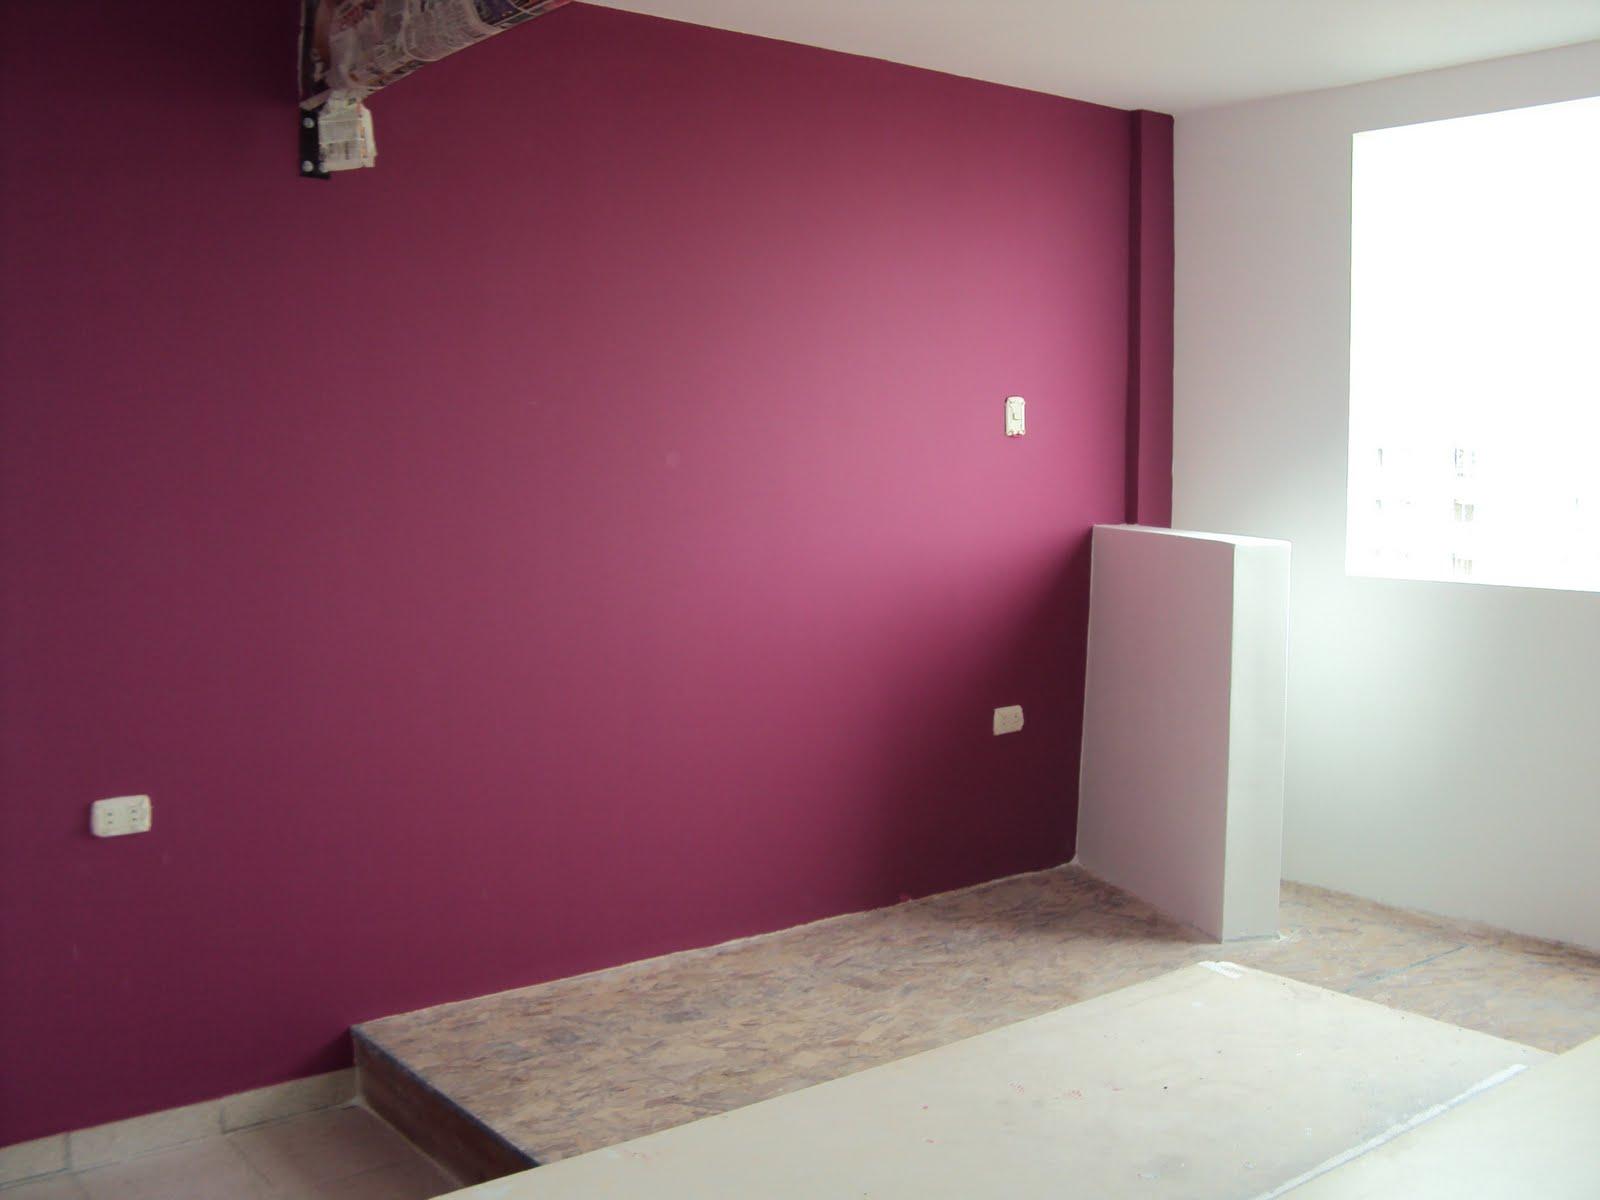 Pintandoelperu pared empastada con pasta sinolit - Color arena para paredes ...